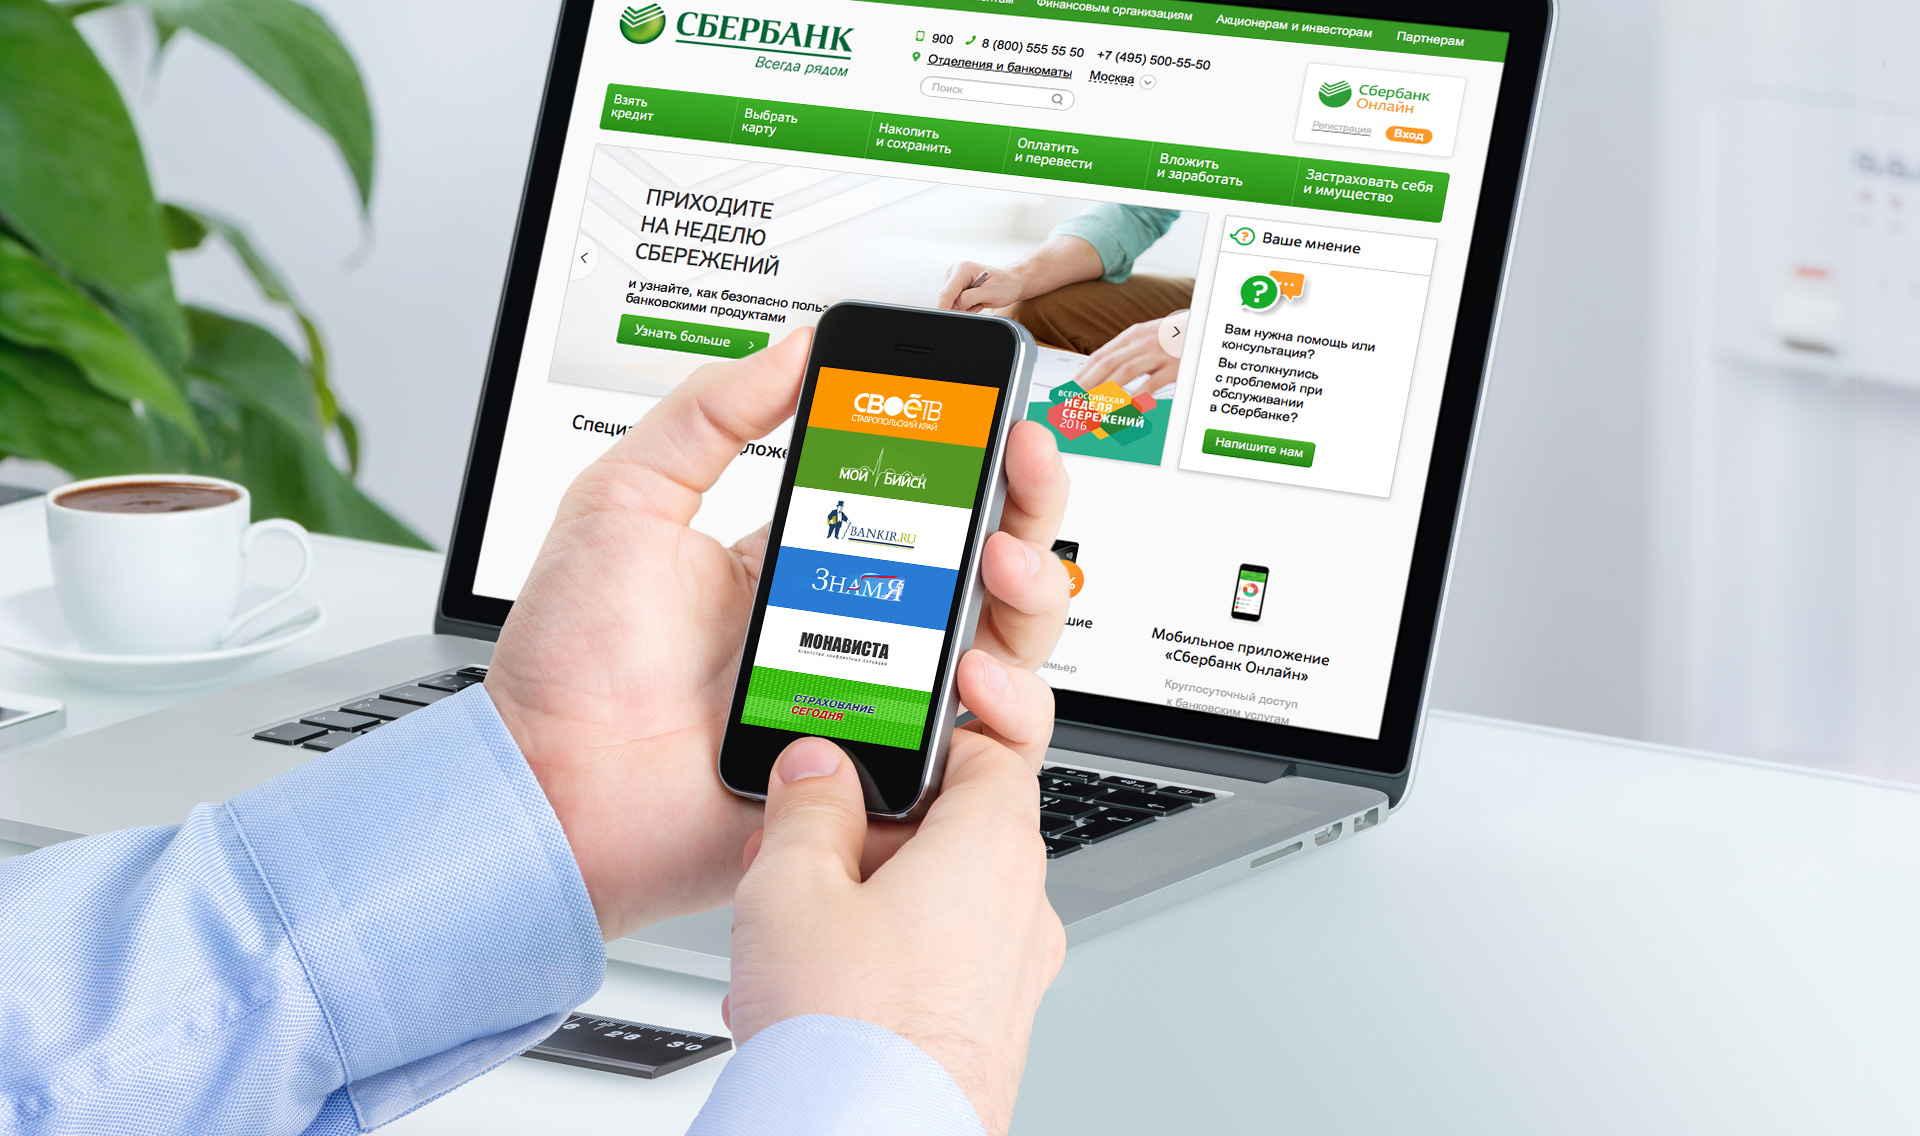 Услуги оператора связи «СанСим» теперь можно оплатить через Сбербанк Онлайн